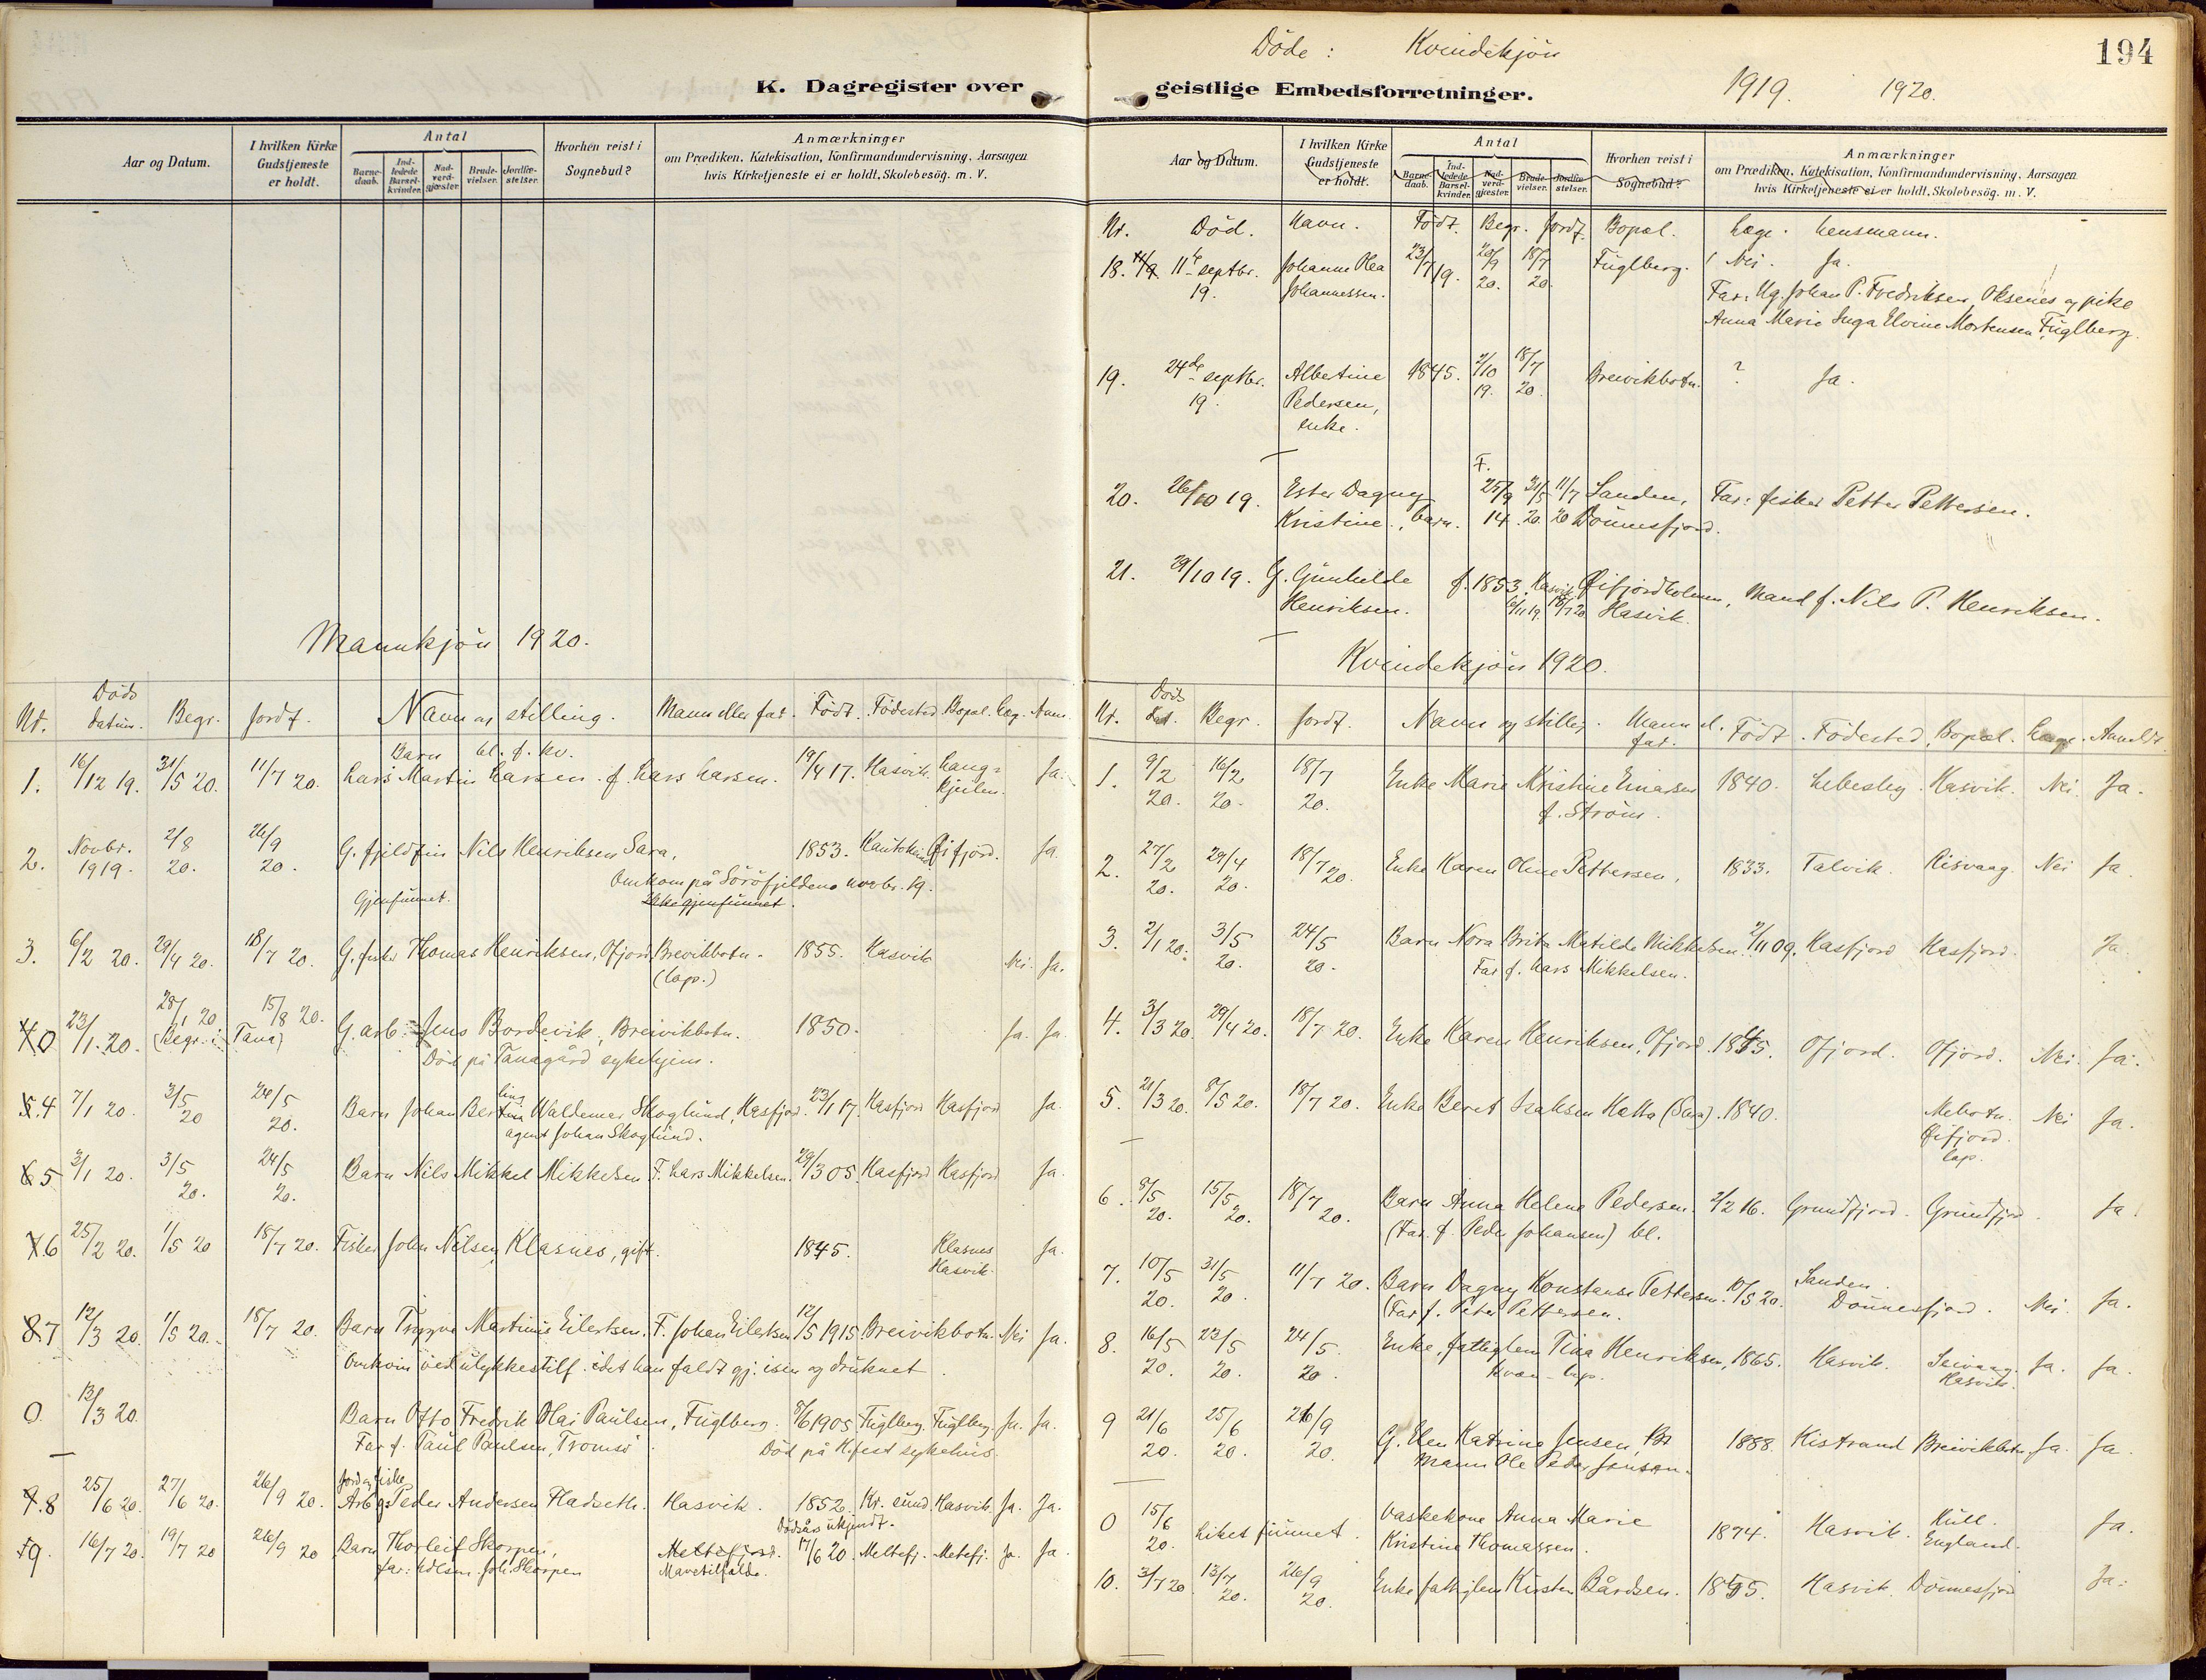 SATØ, Loppa sokneprestkontor, H/Ha/L0010kirke: Ministerialbok nr. 10, 1907-1922, s. 194